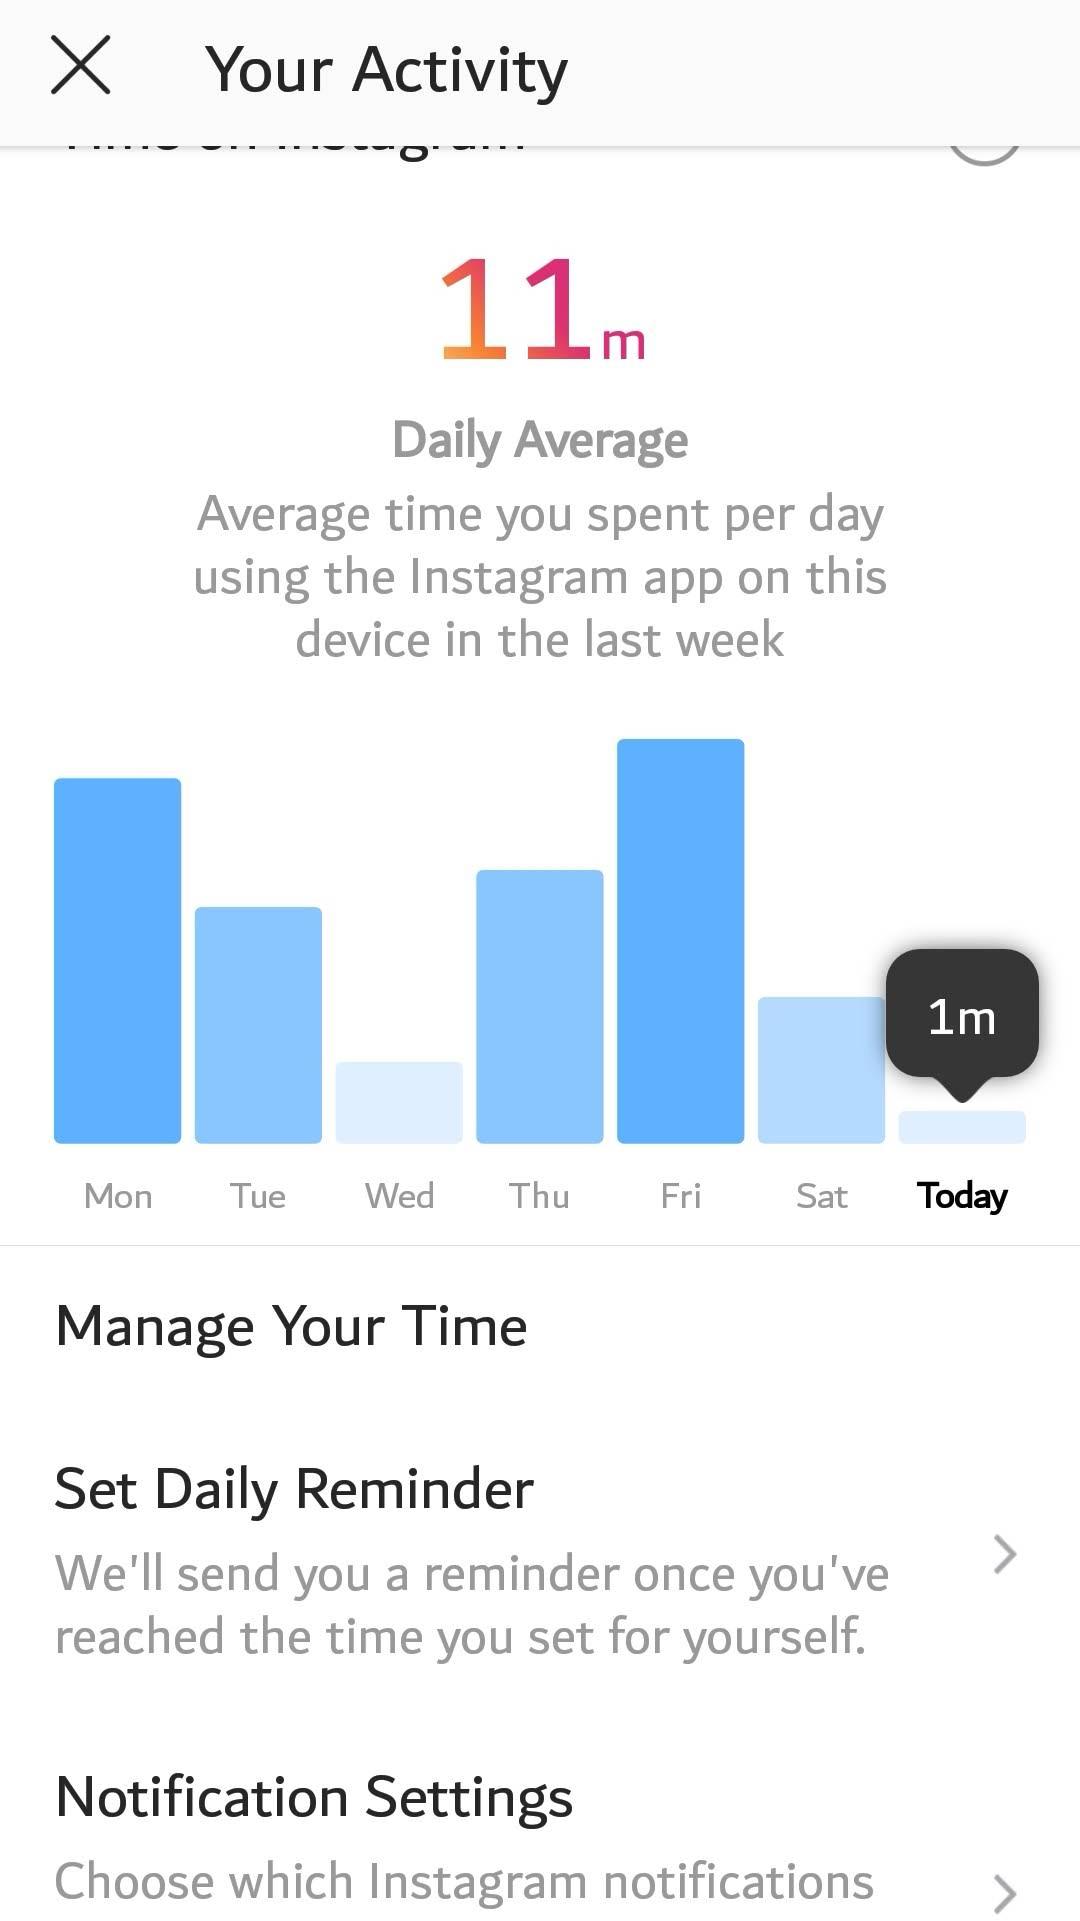 كيف تضع تنبيه على تطبيقي فيس بوك وانستجرام لتجنب البقاء طويلاً عليهما 2